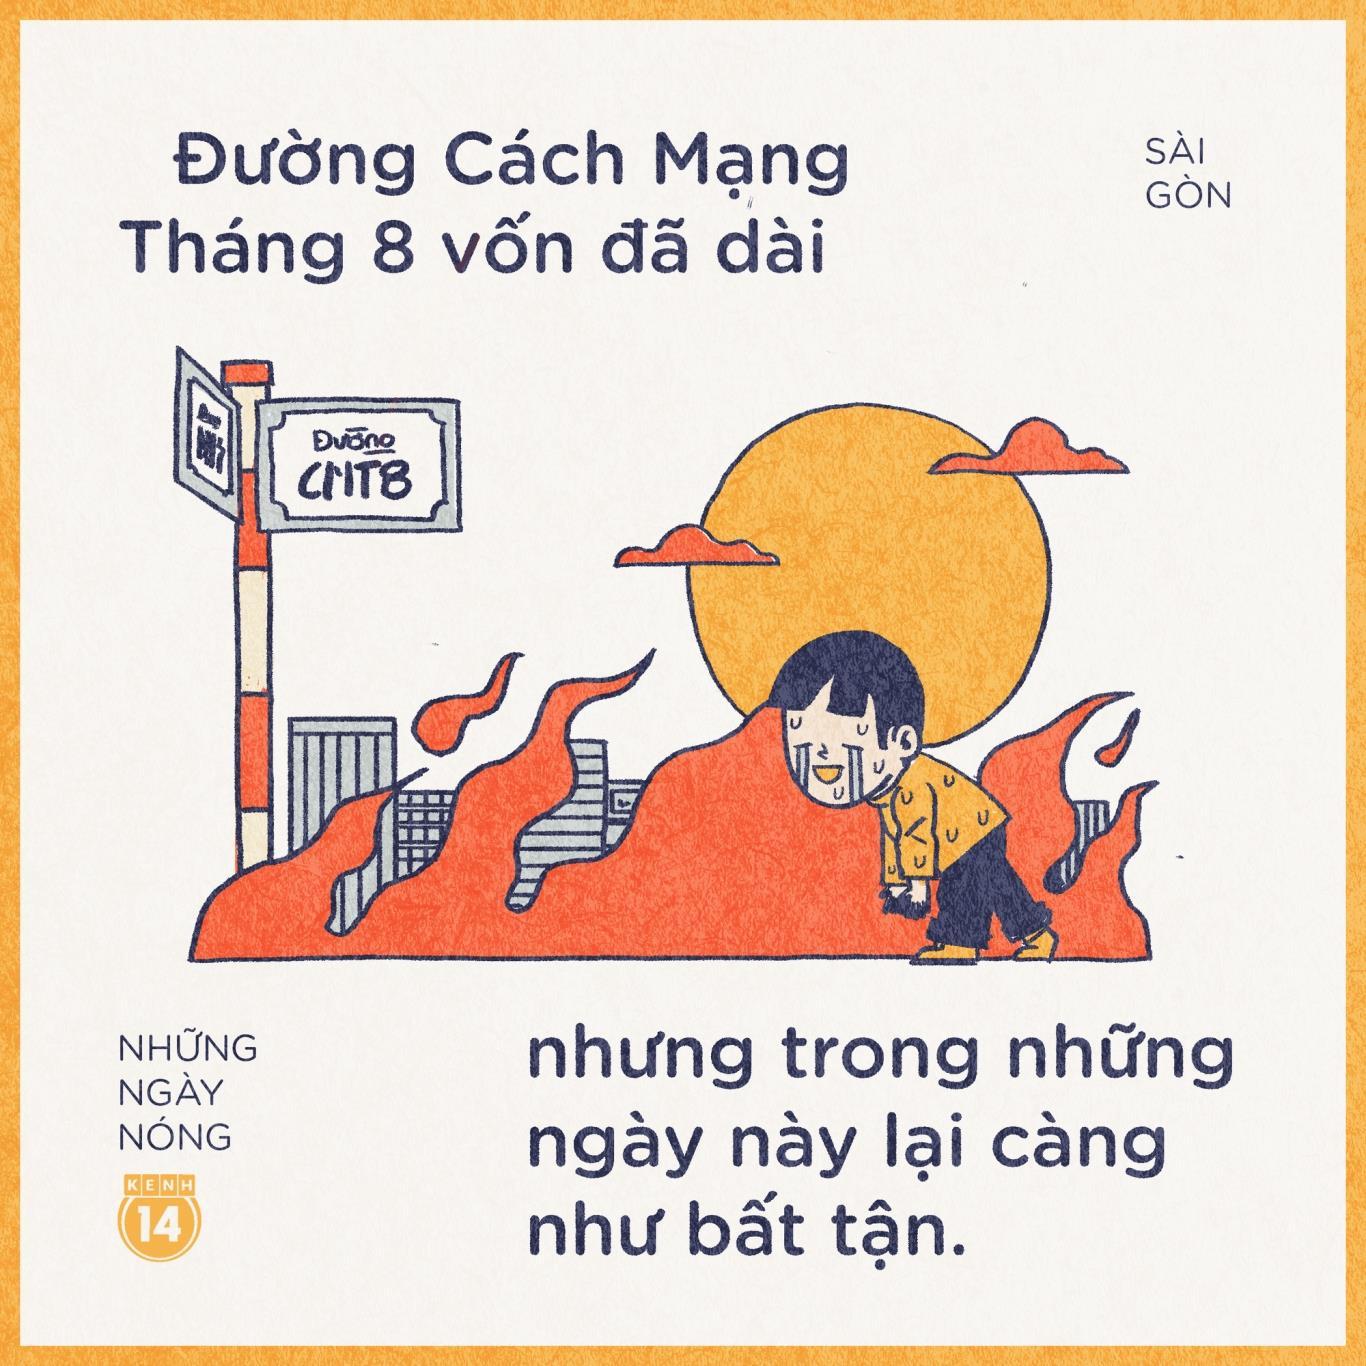 """Nhà ai mà ở đường Cách Mạng Tháng 8, Cộng Hoà hay Trường Chinh chắc đều hiểu cảm giác """"đi hoài đi mãi"""" là gì. Chạy xe trong Sài Gòn mà cứ tưởng mình đang ngao du ở sa mạc nào đó không thôi..."""